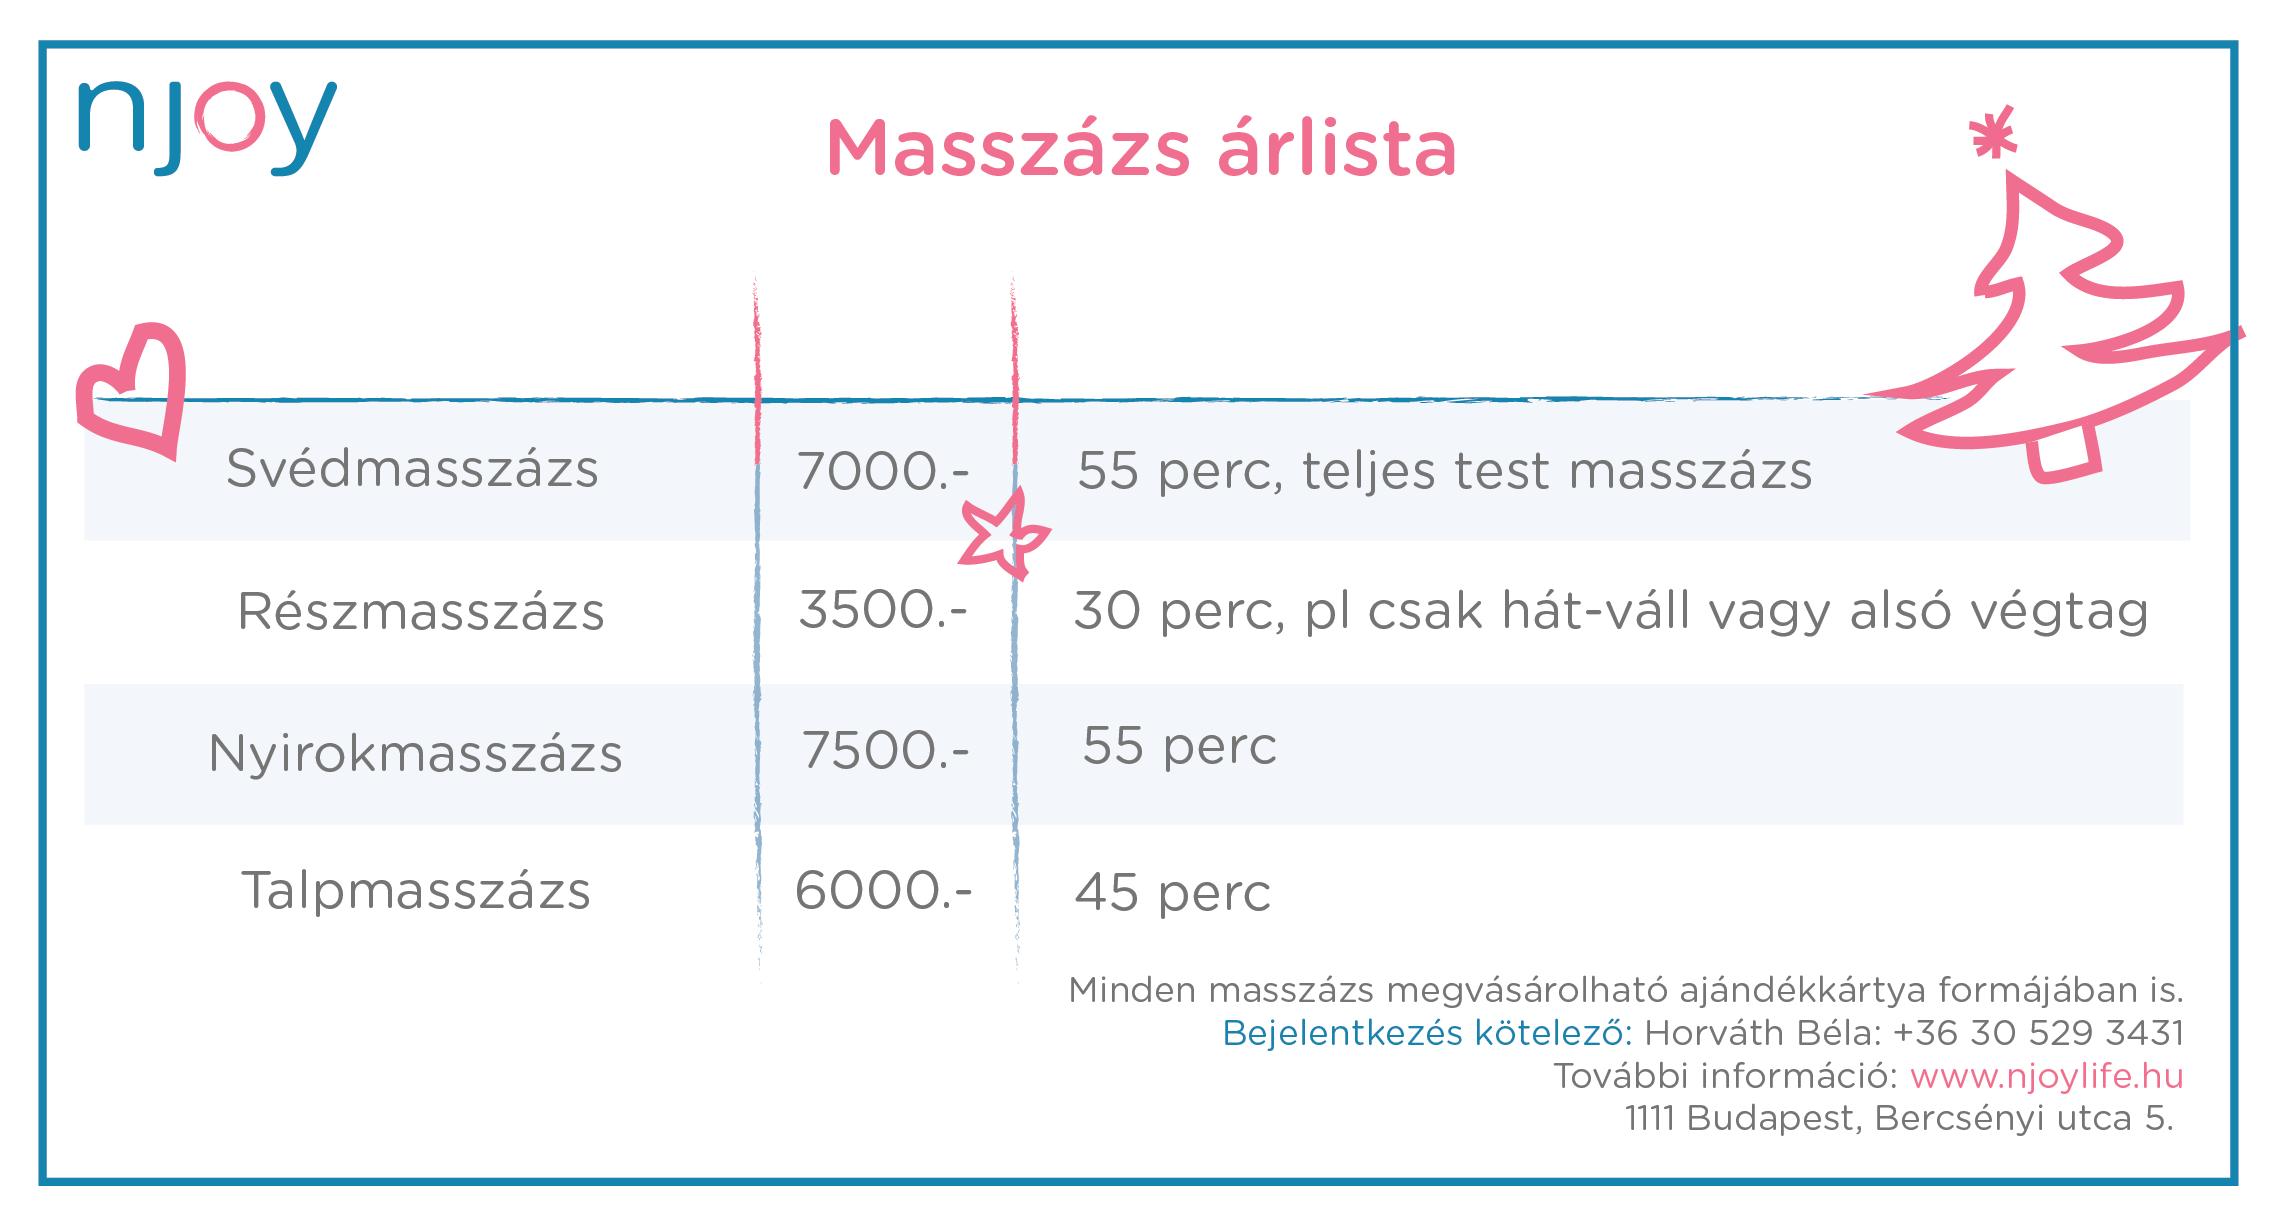 masszazs_arlista.png